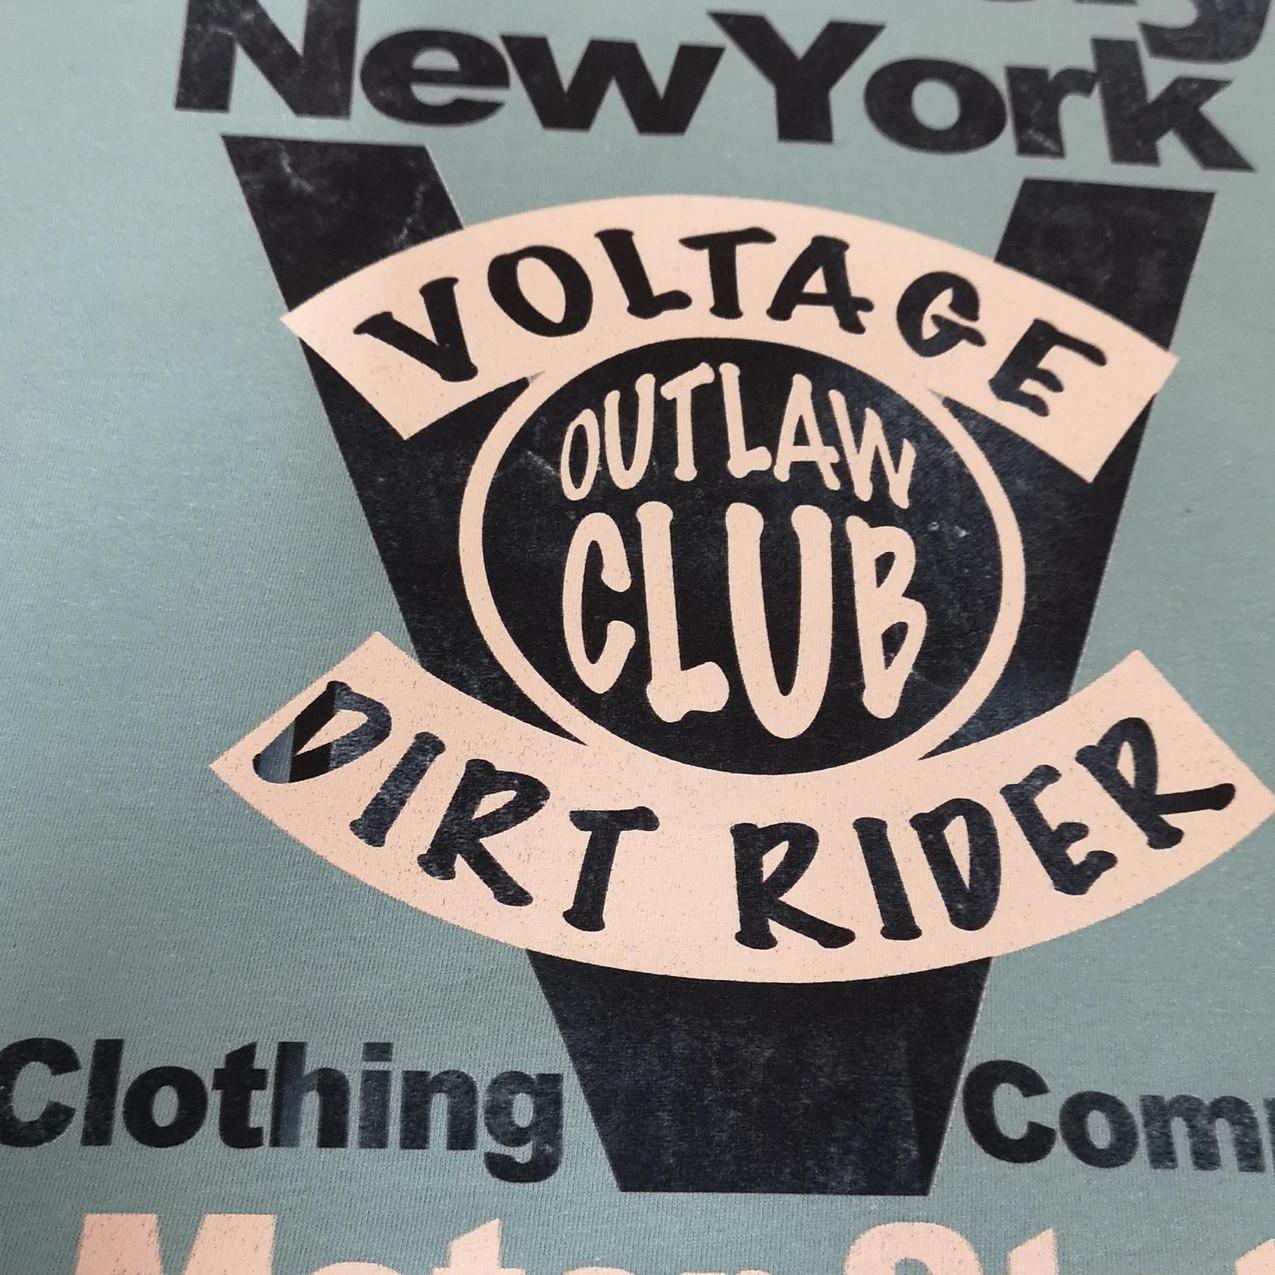 Tee Shirt serigraphie Voltage